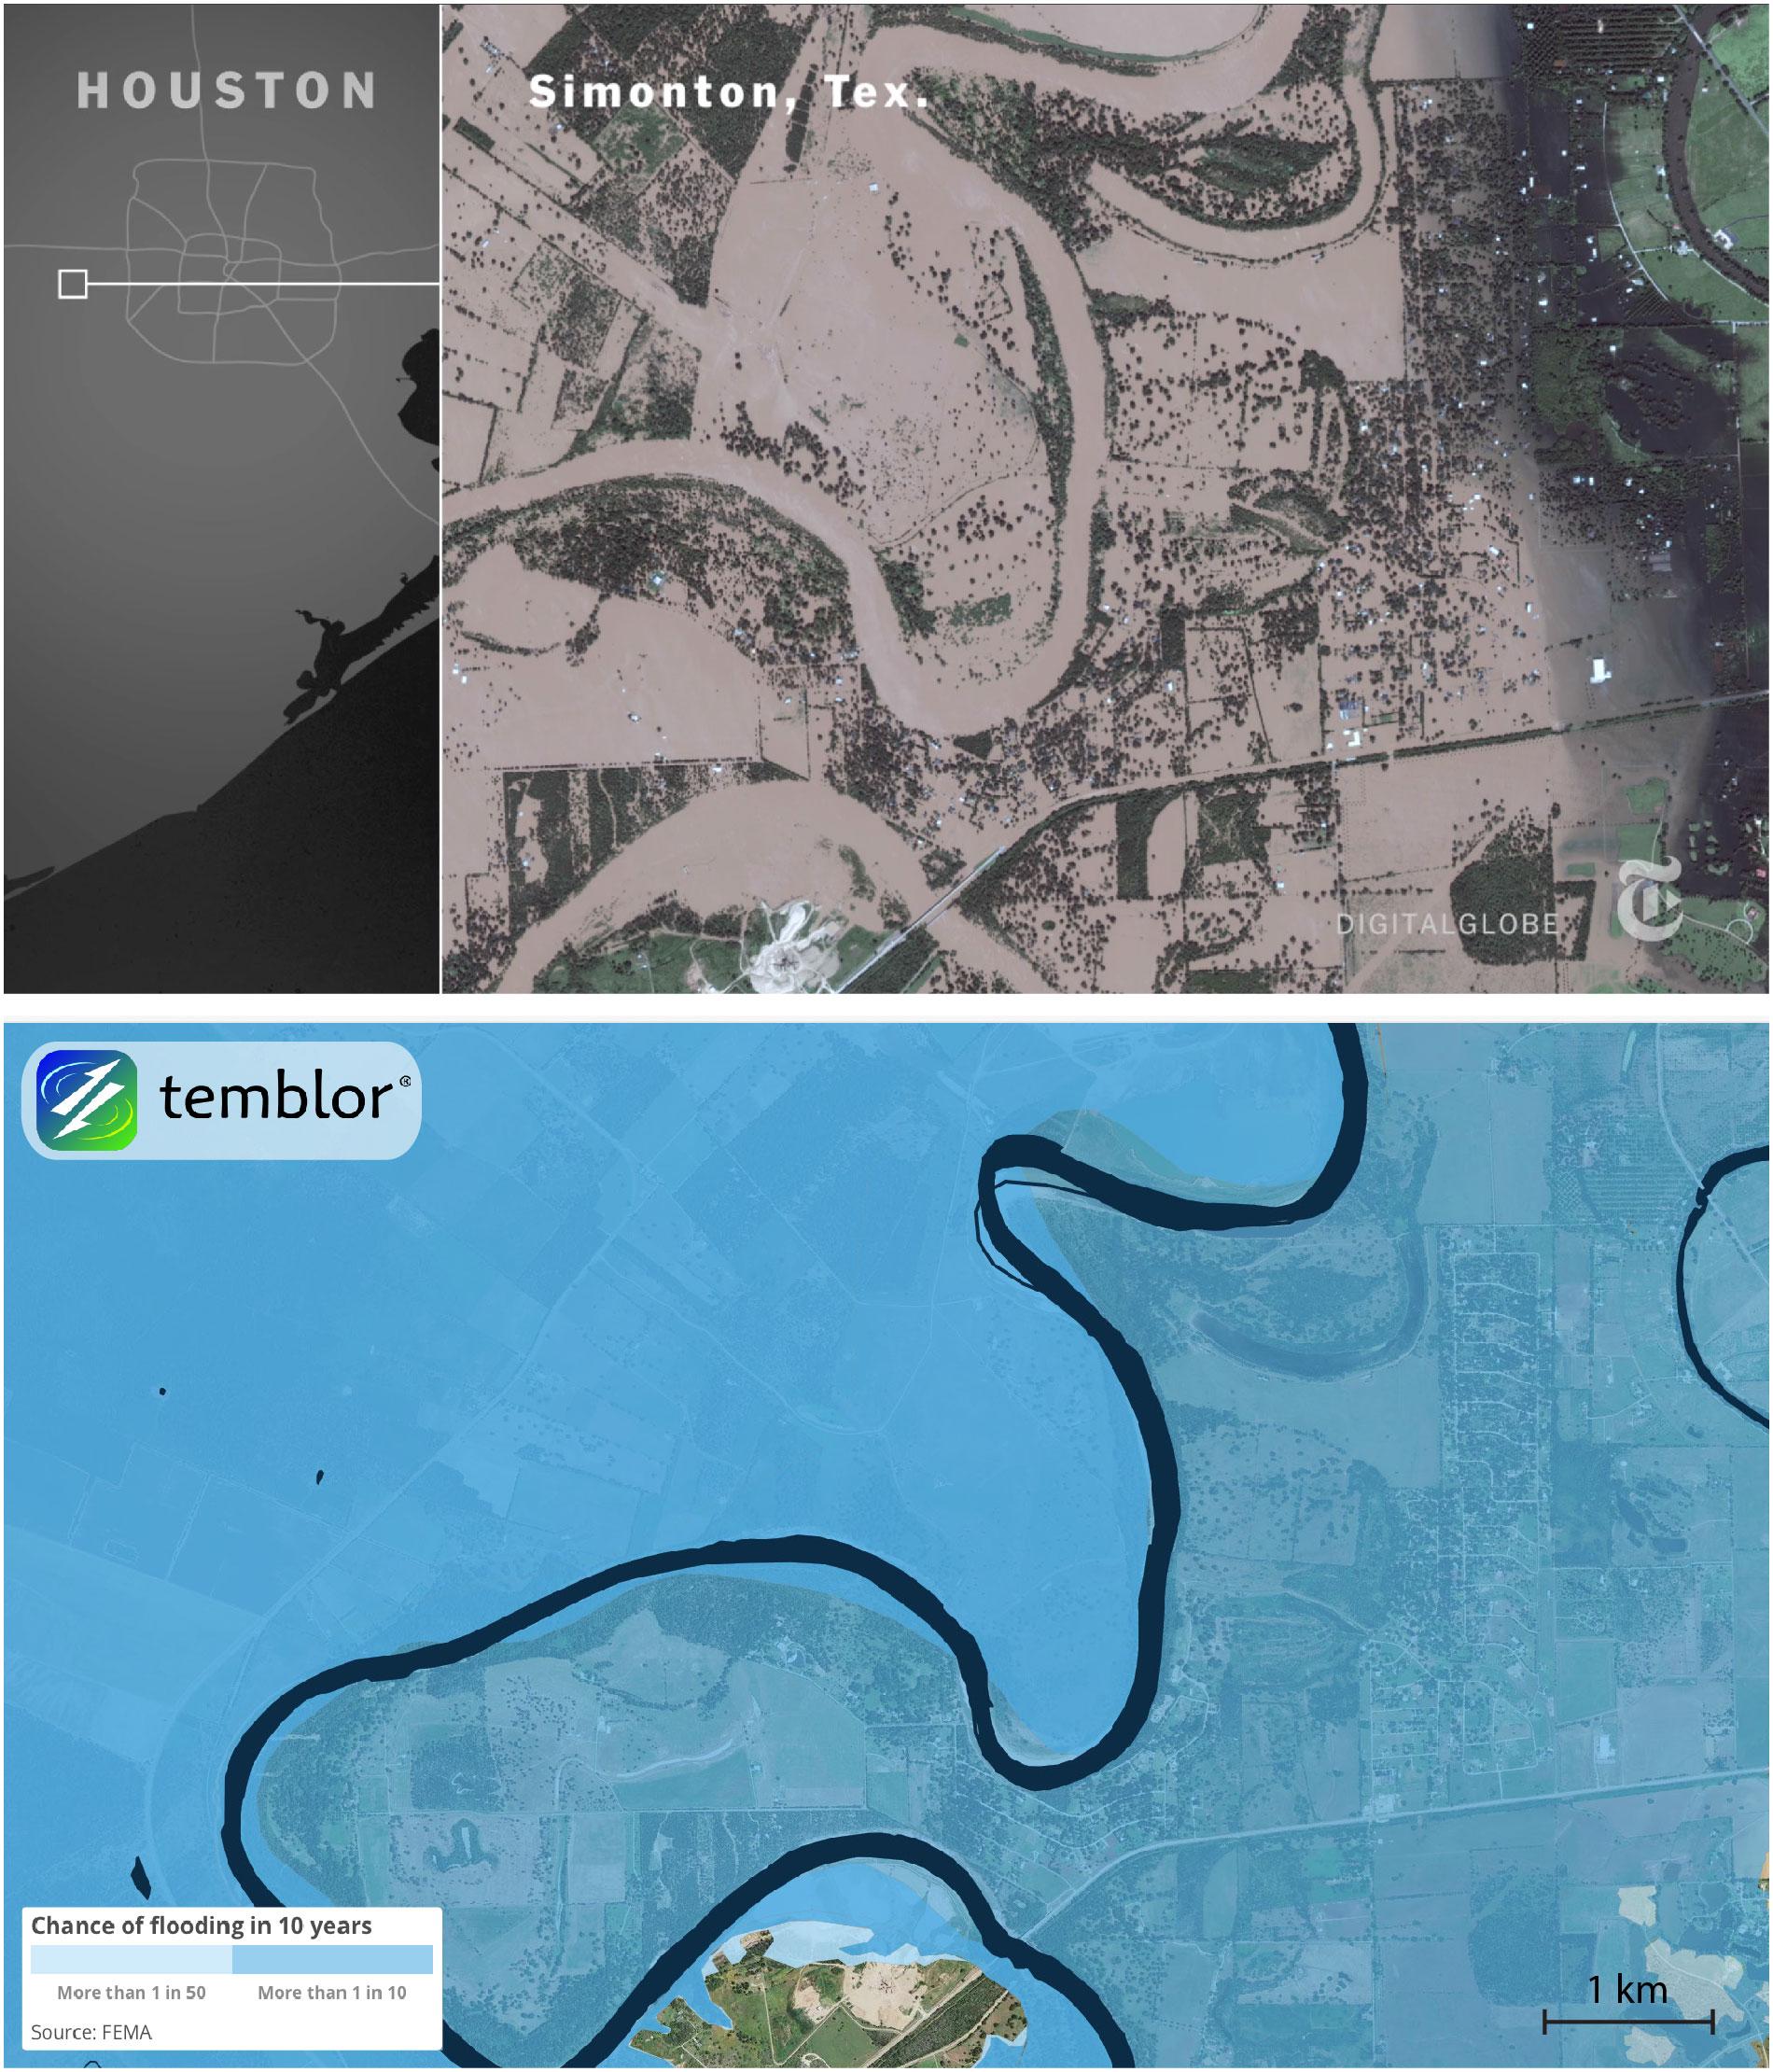 simonton-texas-flooding-hurricane-harvey